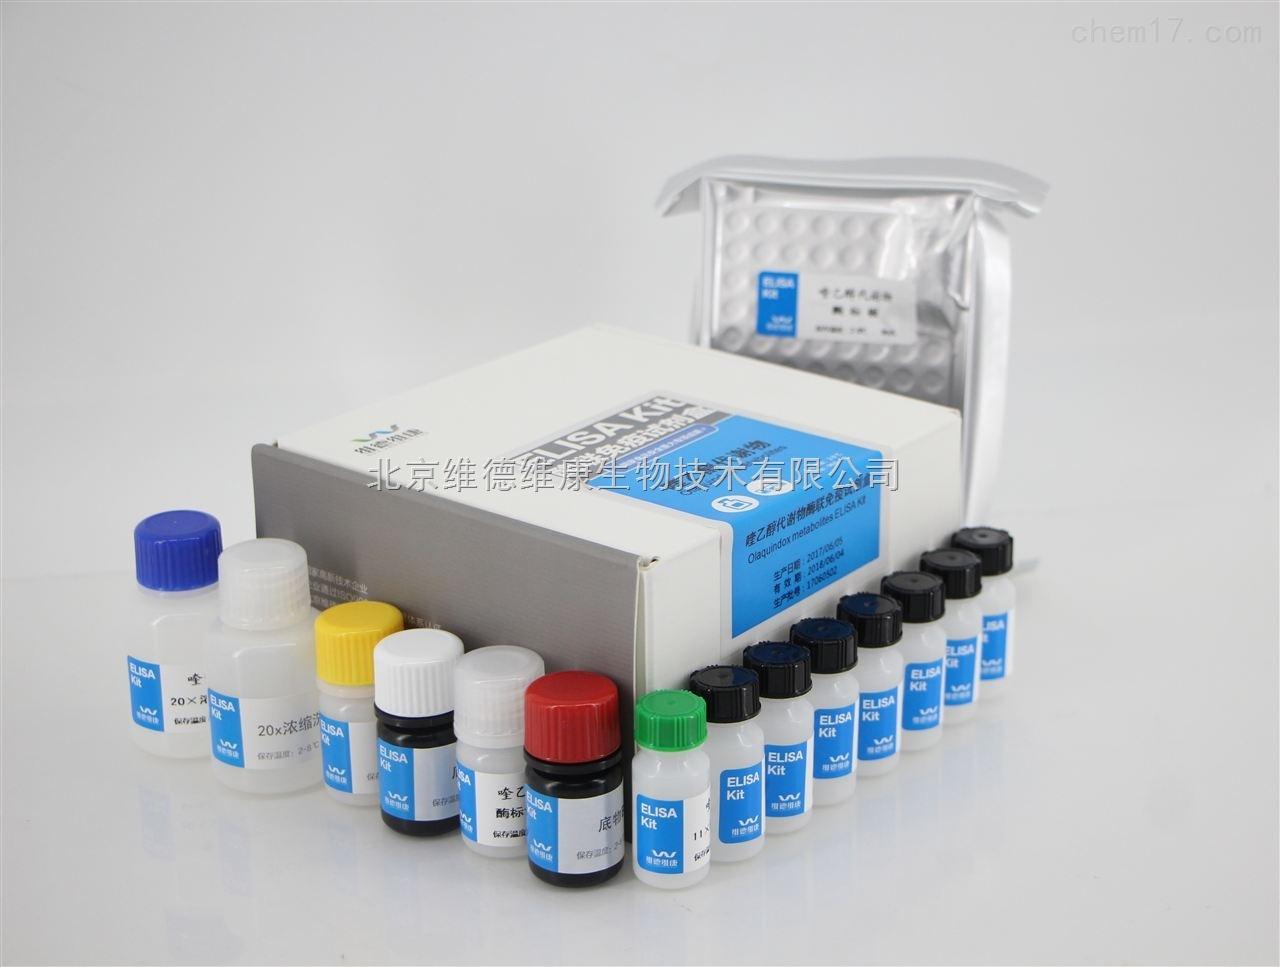 elisa试剂盒批发 维德维康喹诺酮类酶联免疫试剂盒-猪